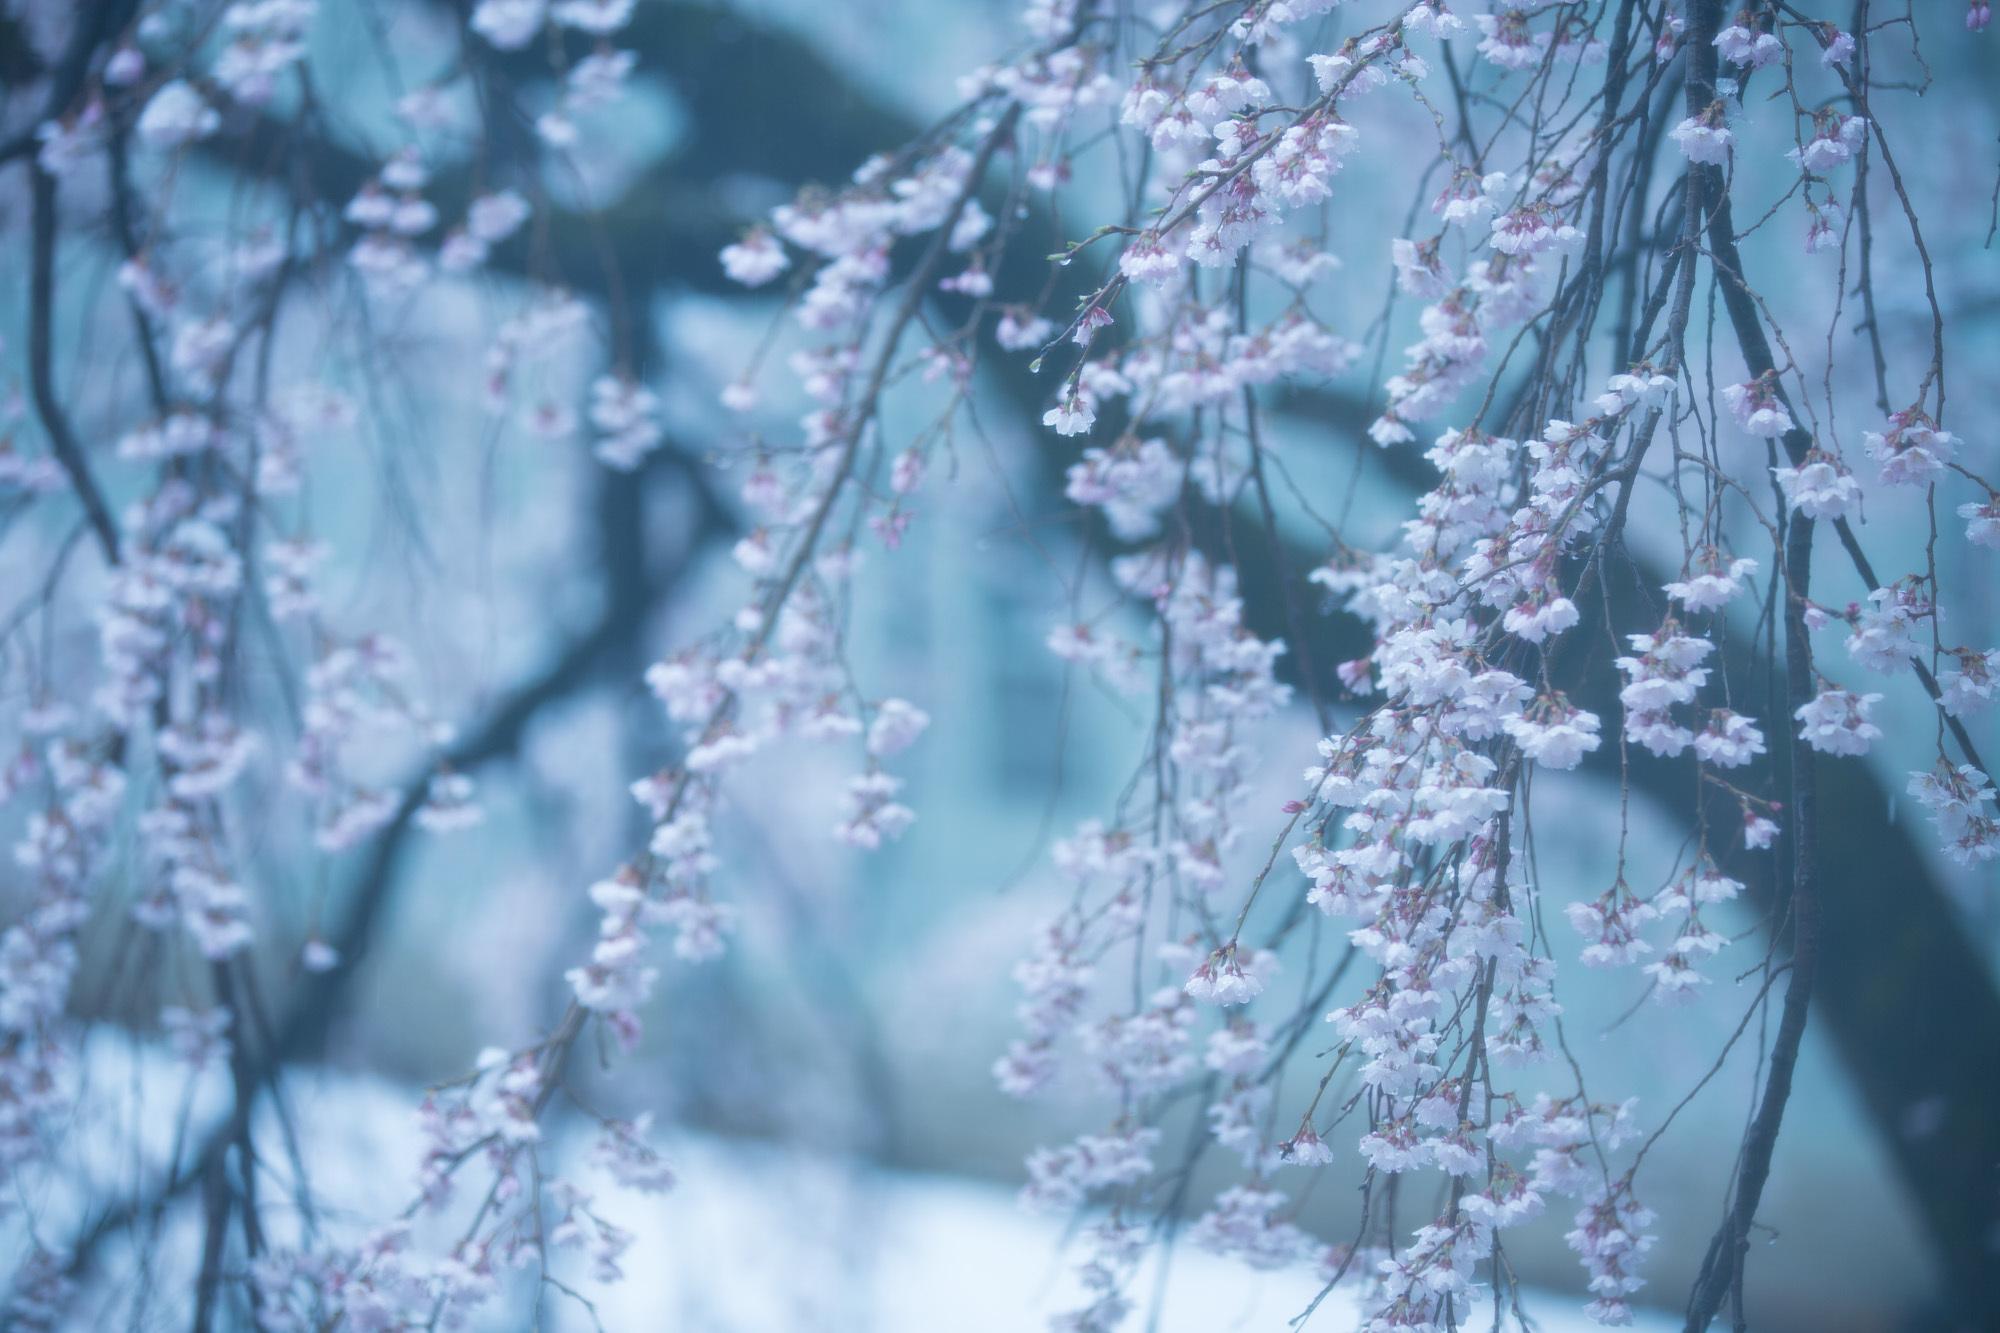 なごり雪の窓辺~あがたの森の枝垂桜~_d0349418_20512538.jpg